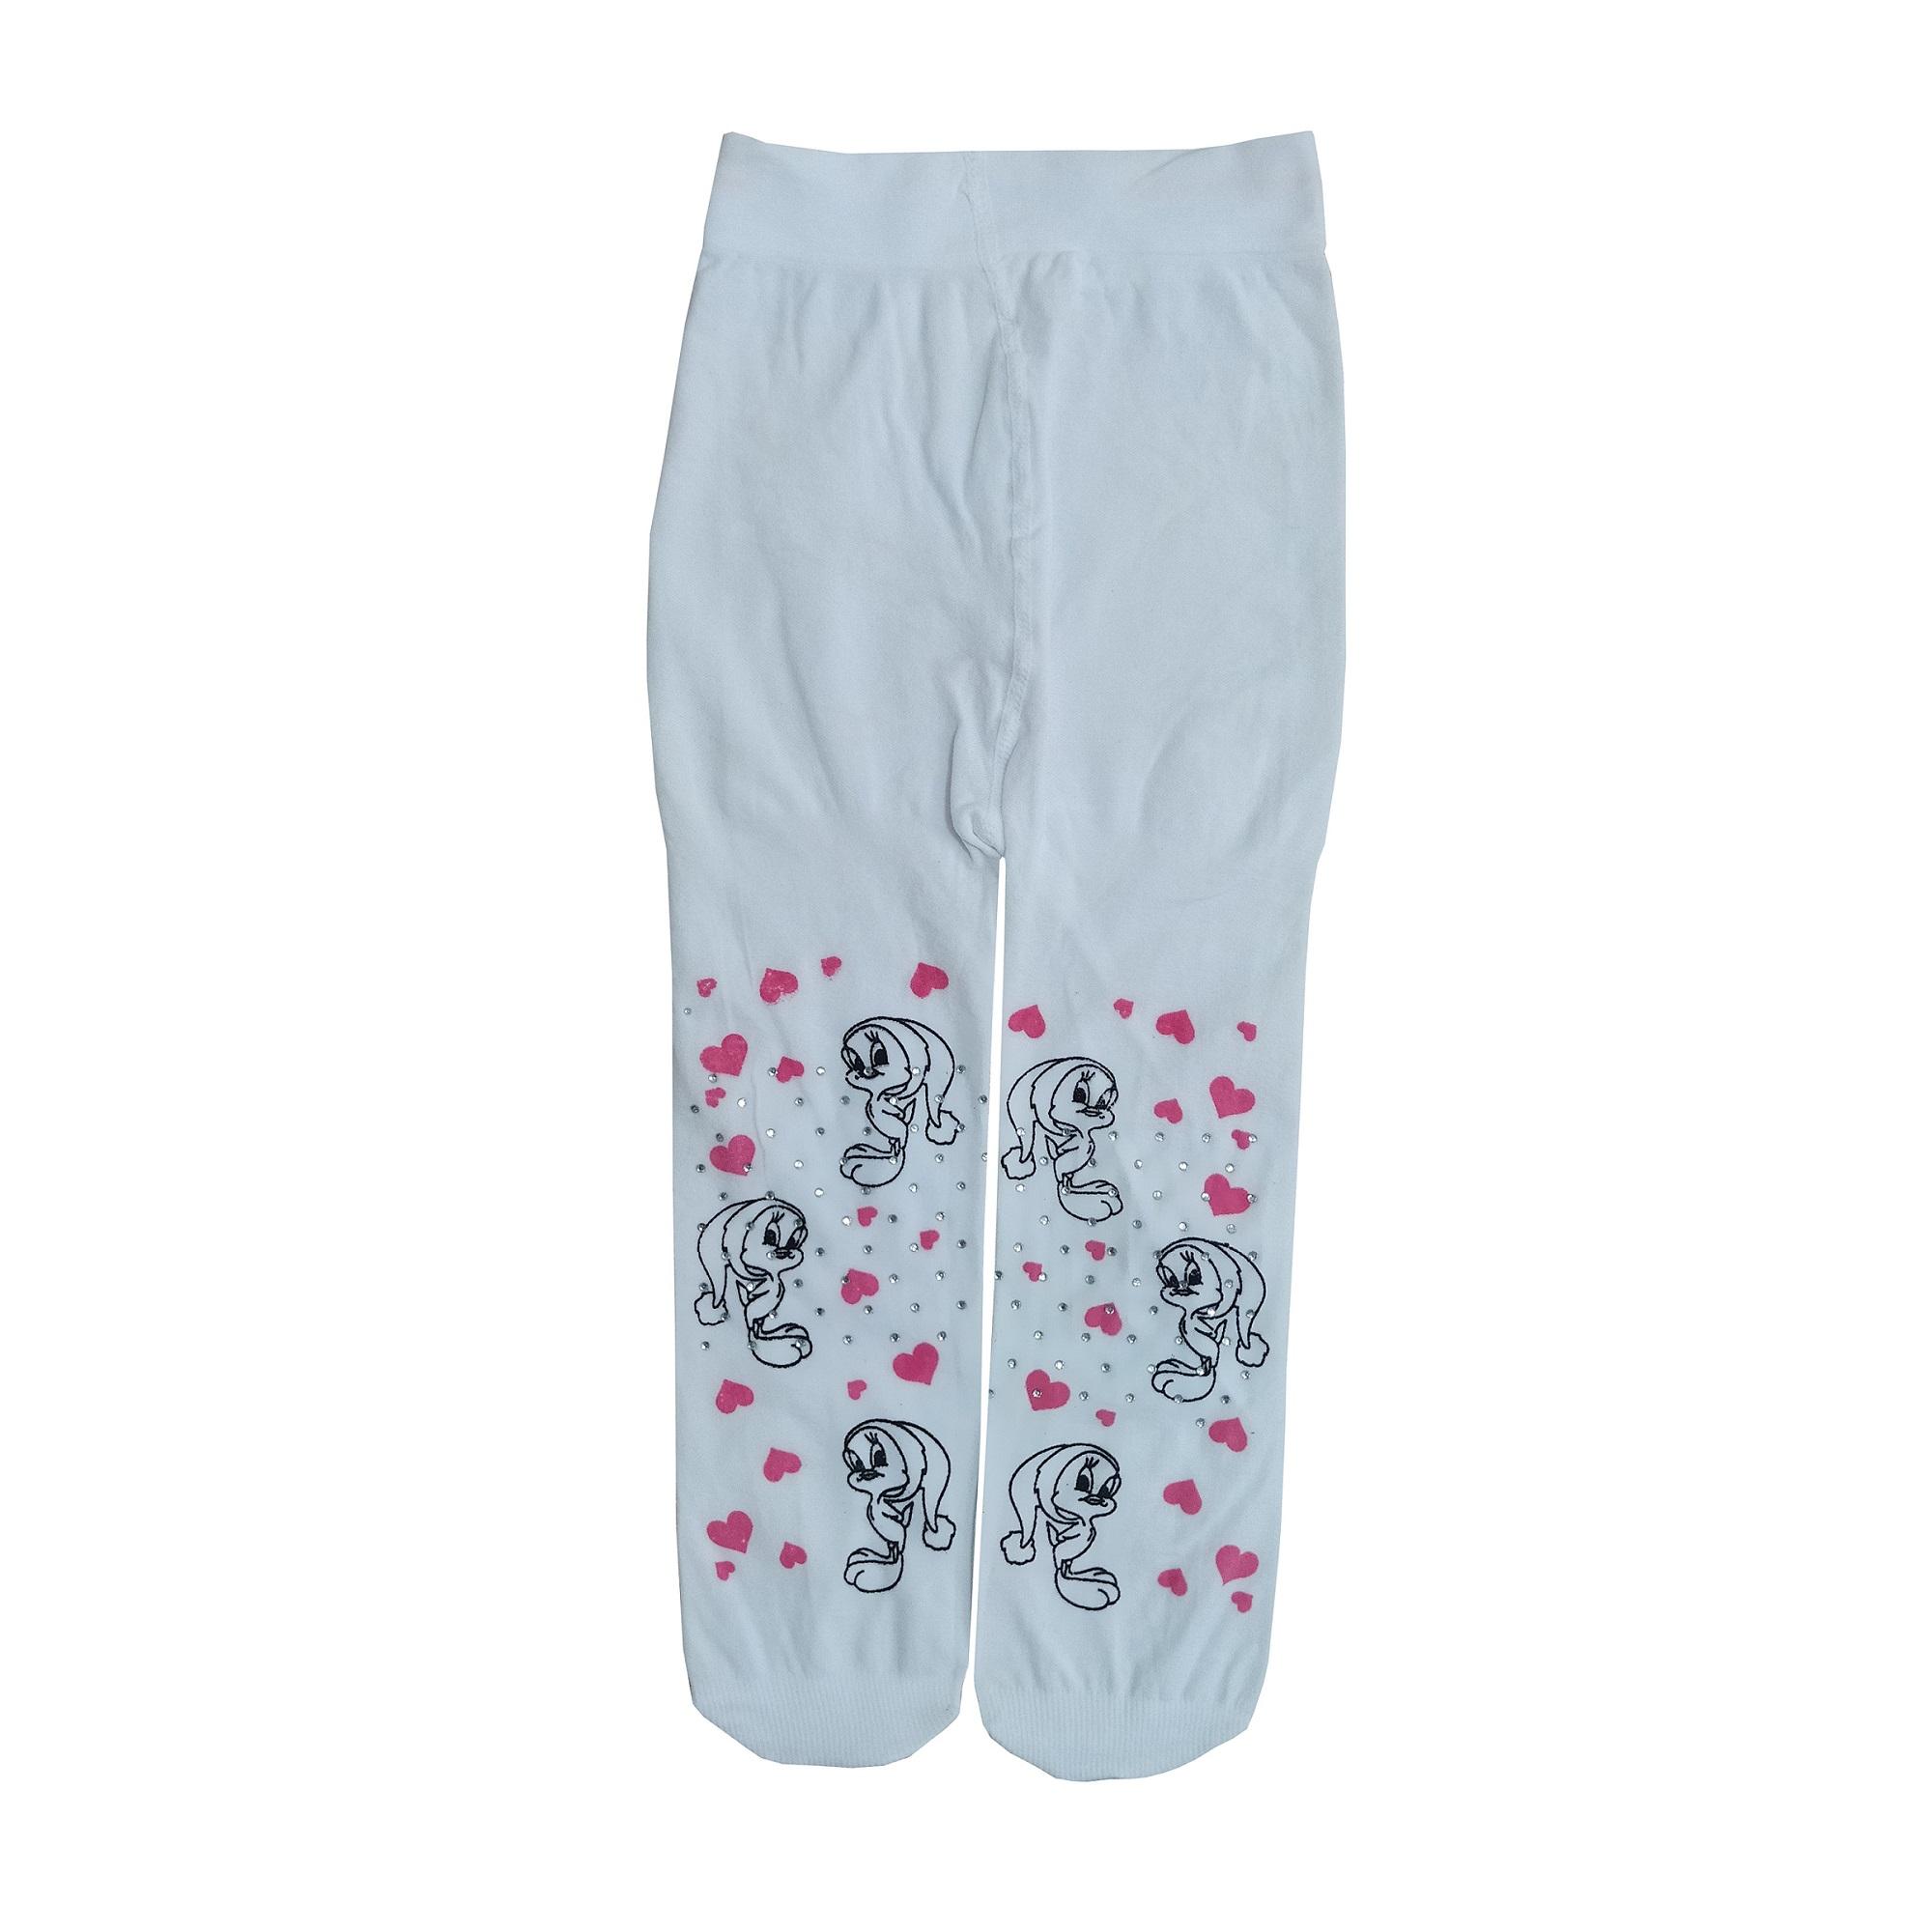 جوراب شلواری دخترانه کد J99-03